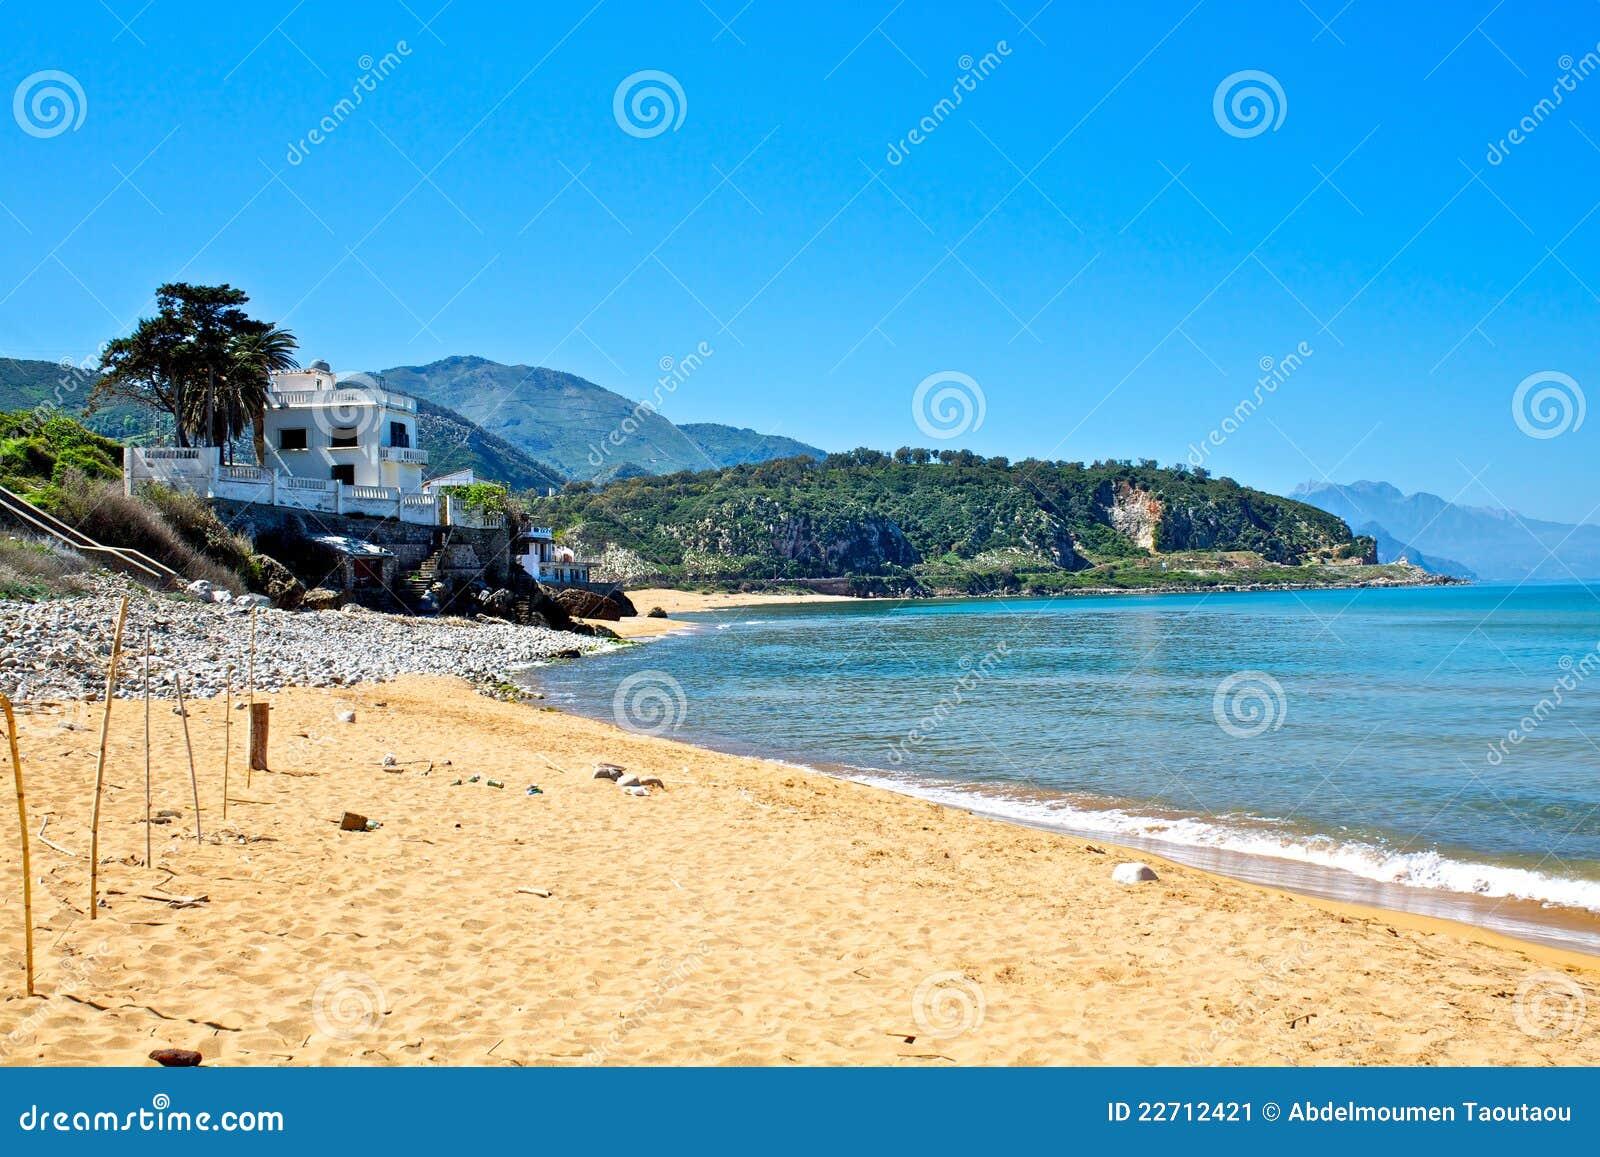 Spiaggia jijel algeria immagine stock immagine di sabbia 22712421 for Canape bord de mer